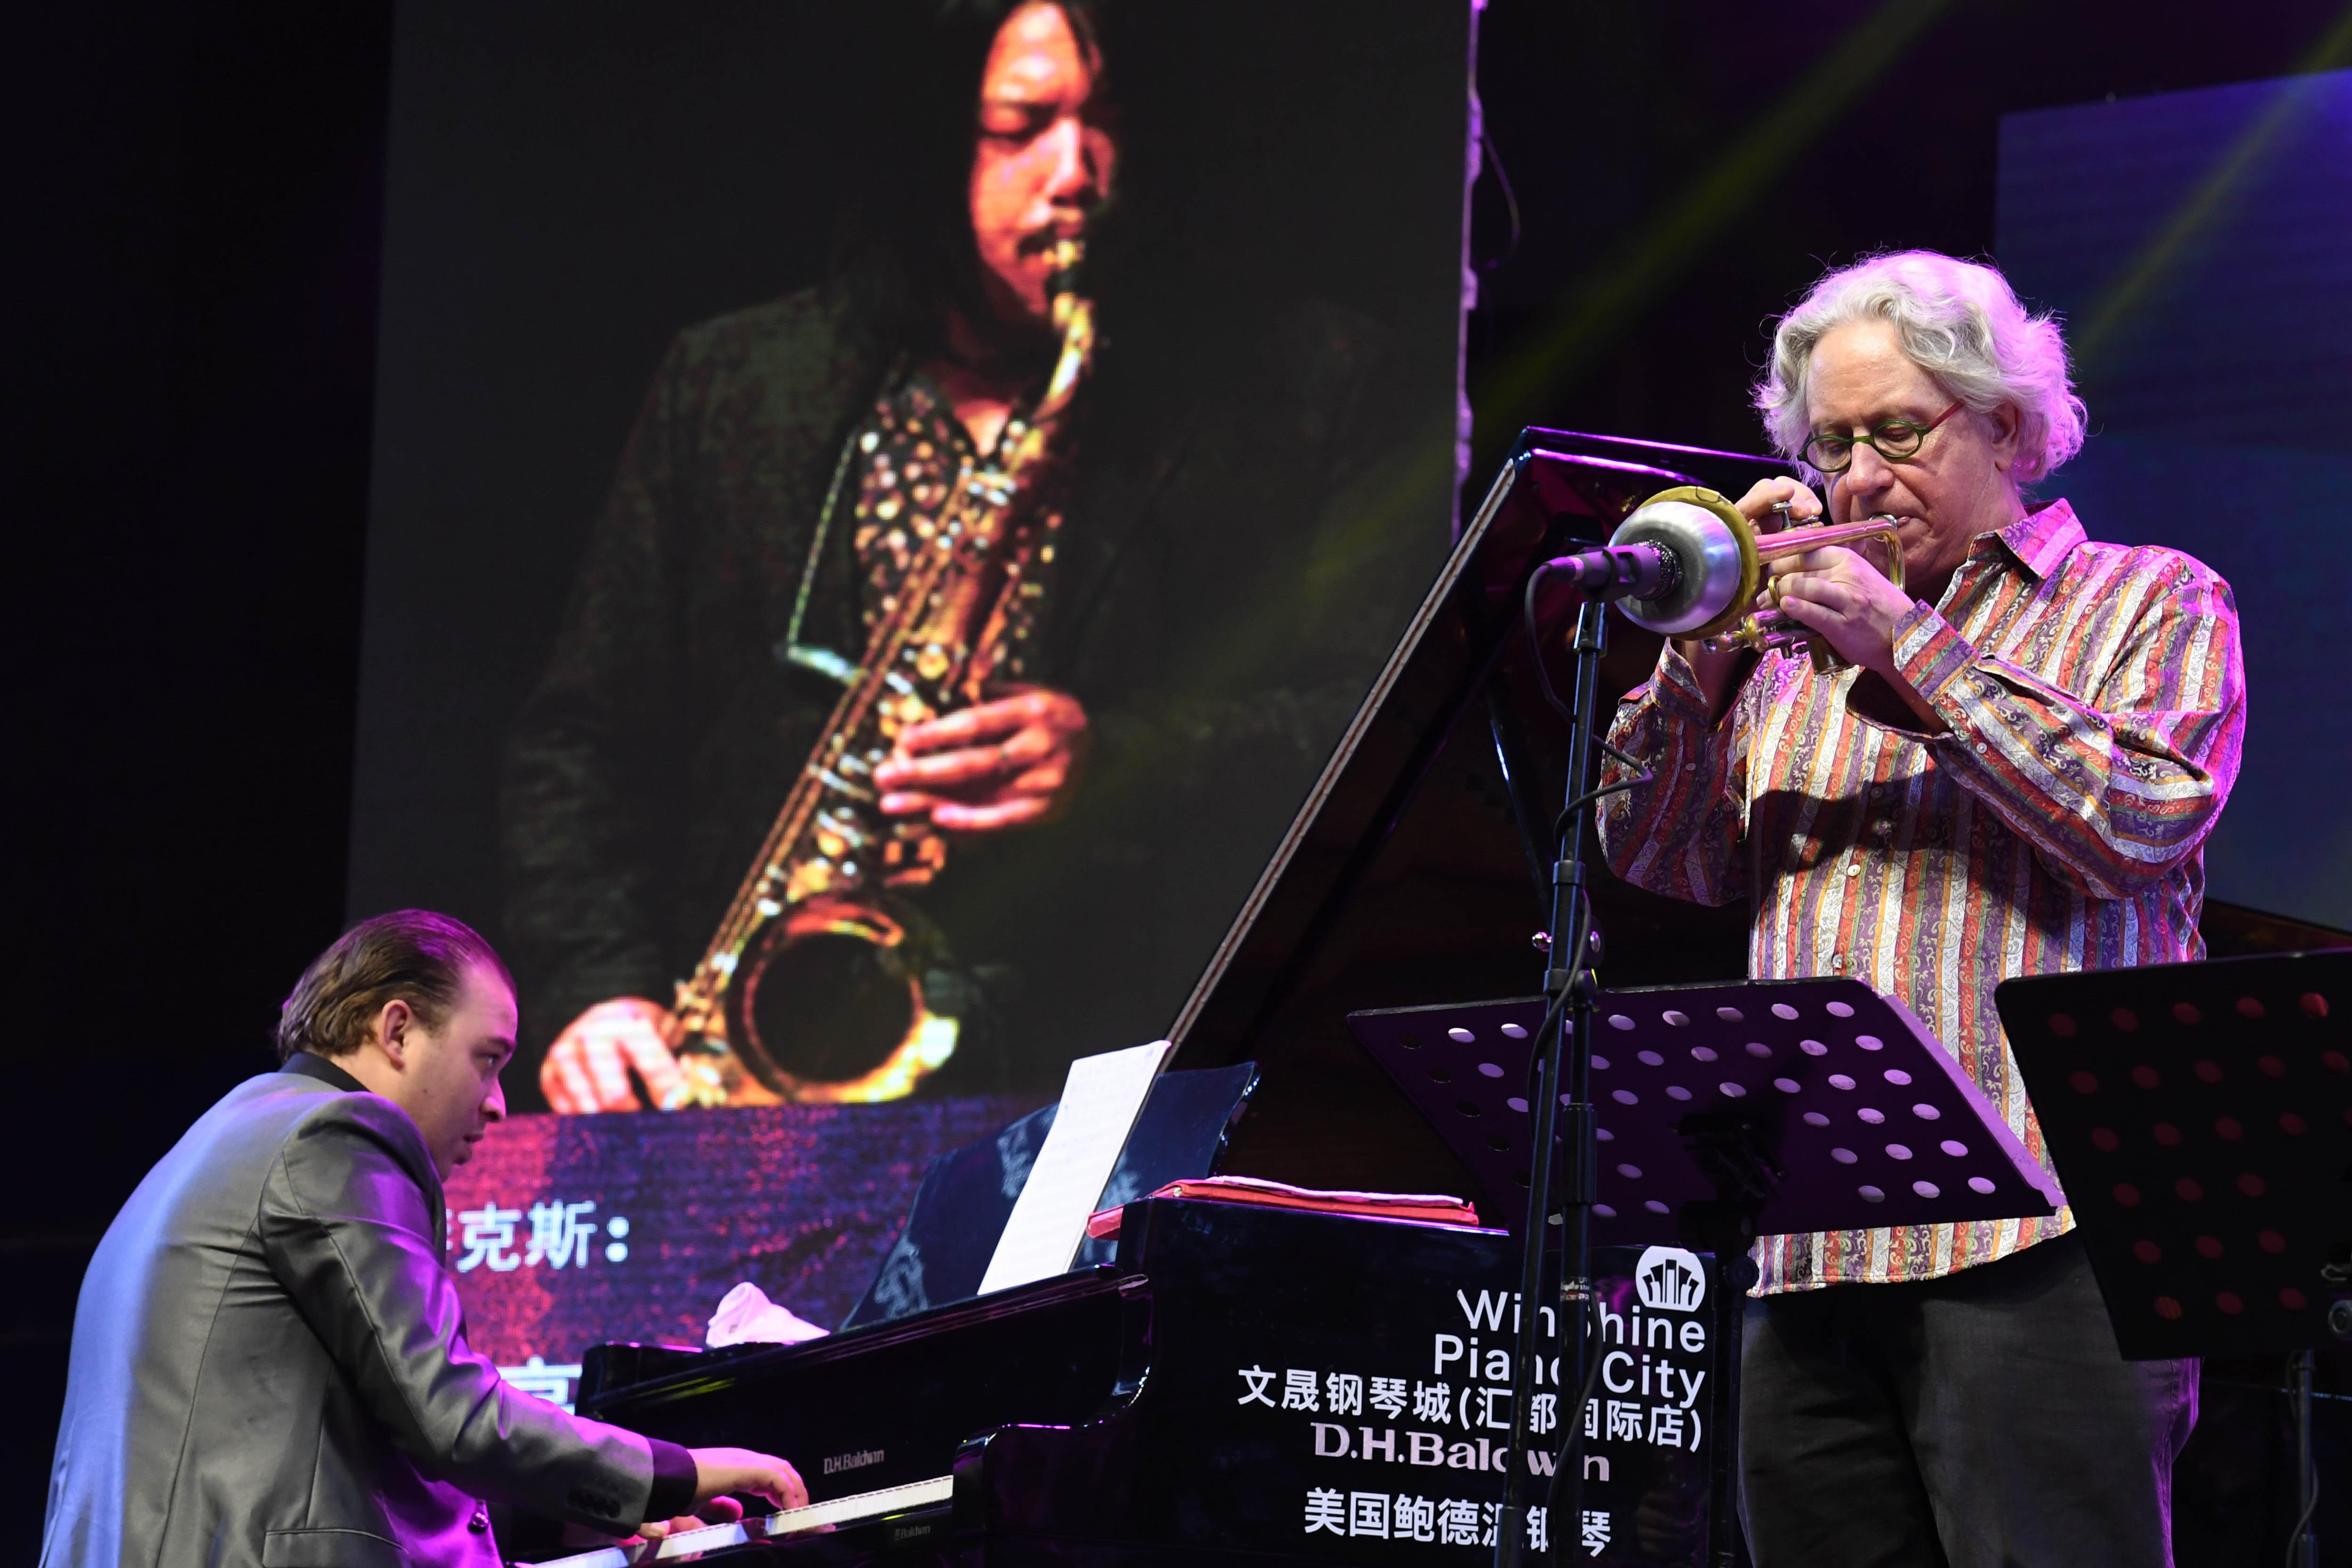 中美欧爵士乐手在表演中。新华社记者 蔺以光 摄